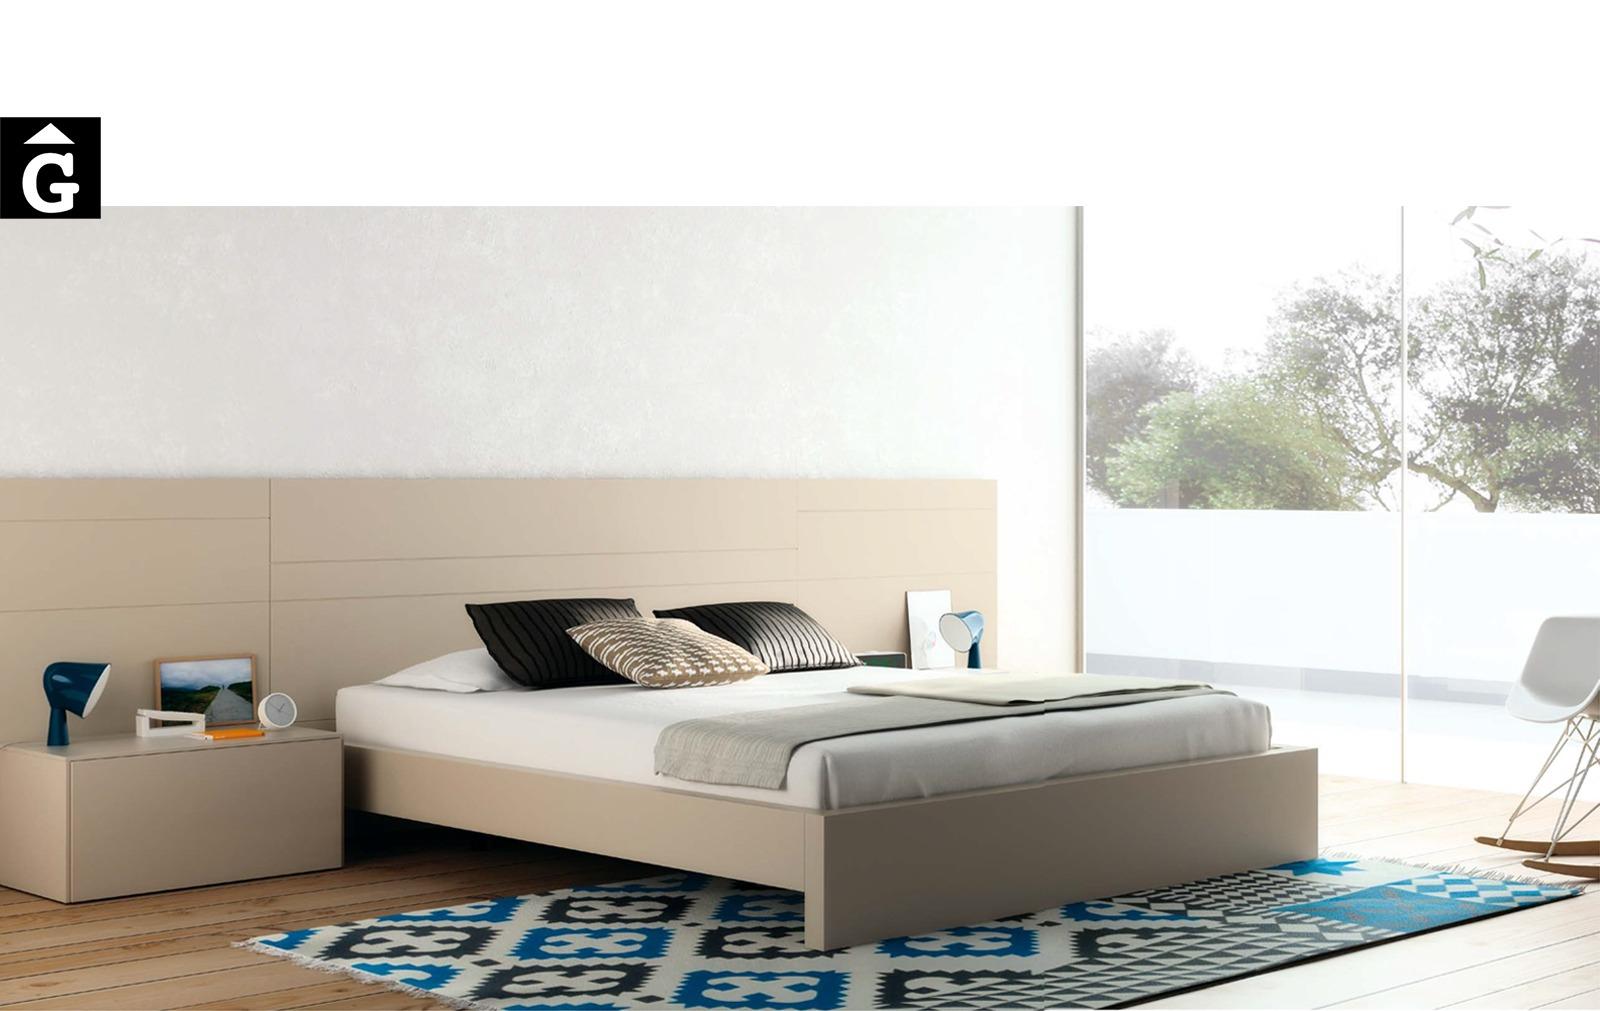 Habitació llit gran Safari | Vive | distribuiïdors oficials | mobles Gifreu